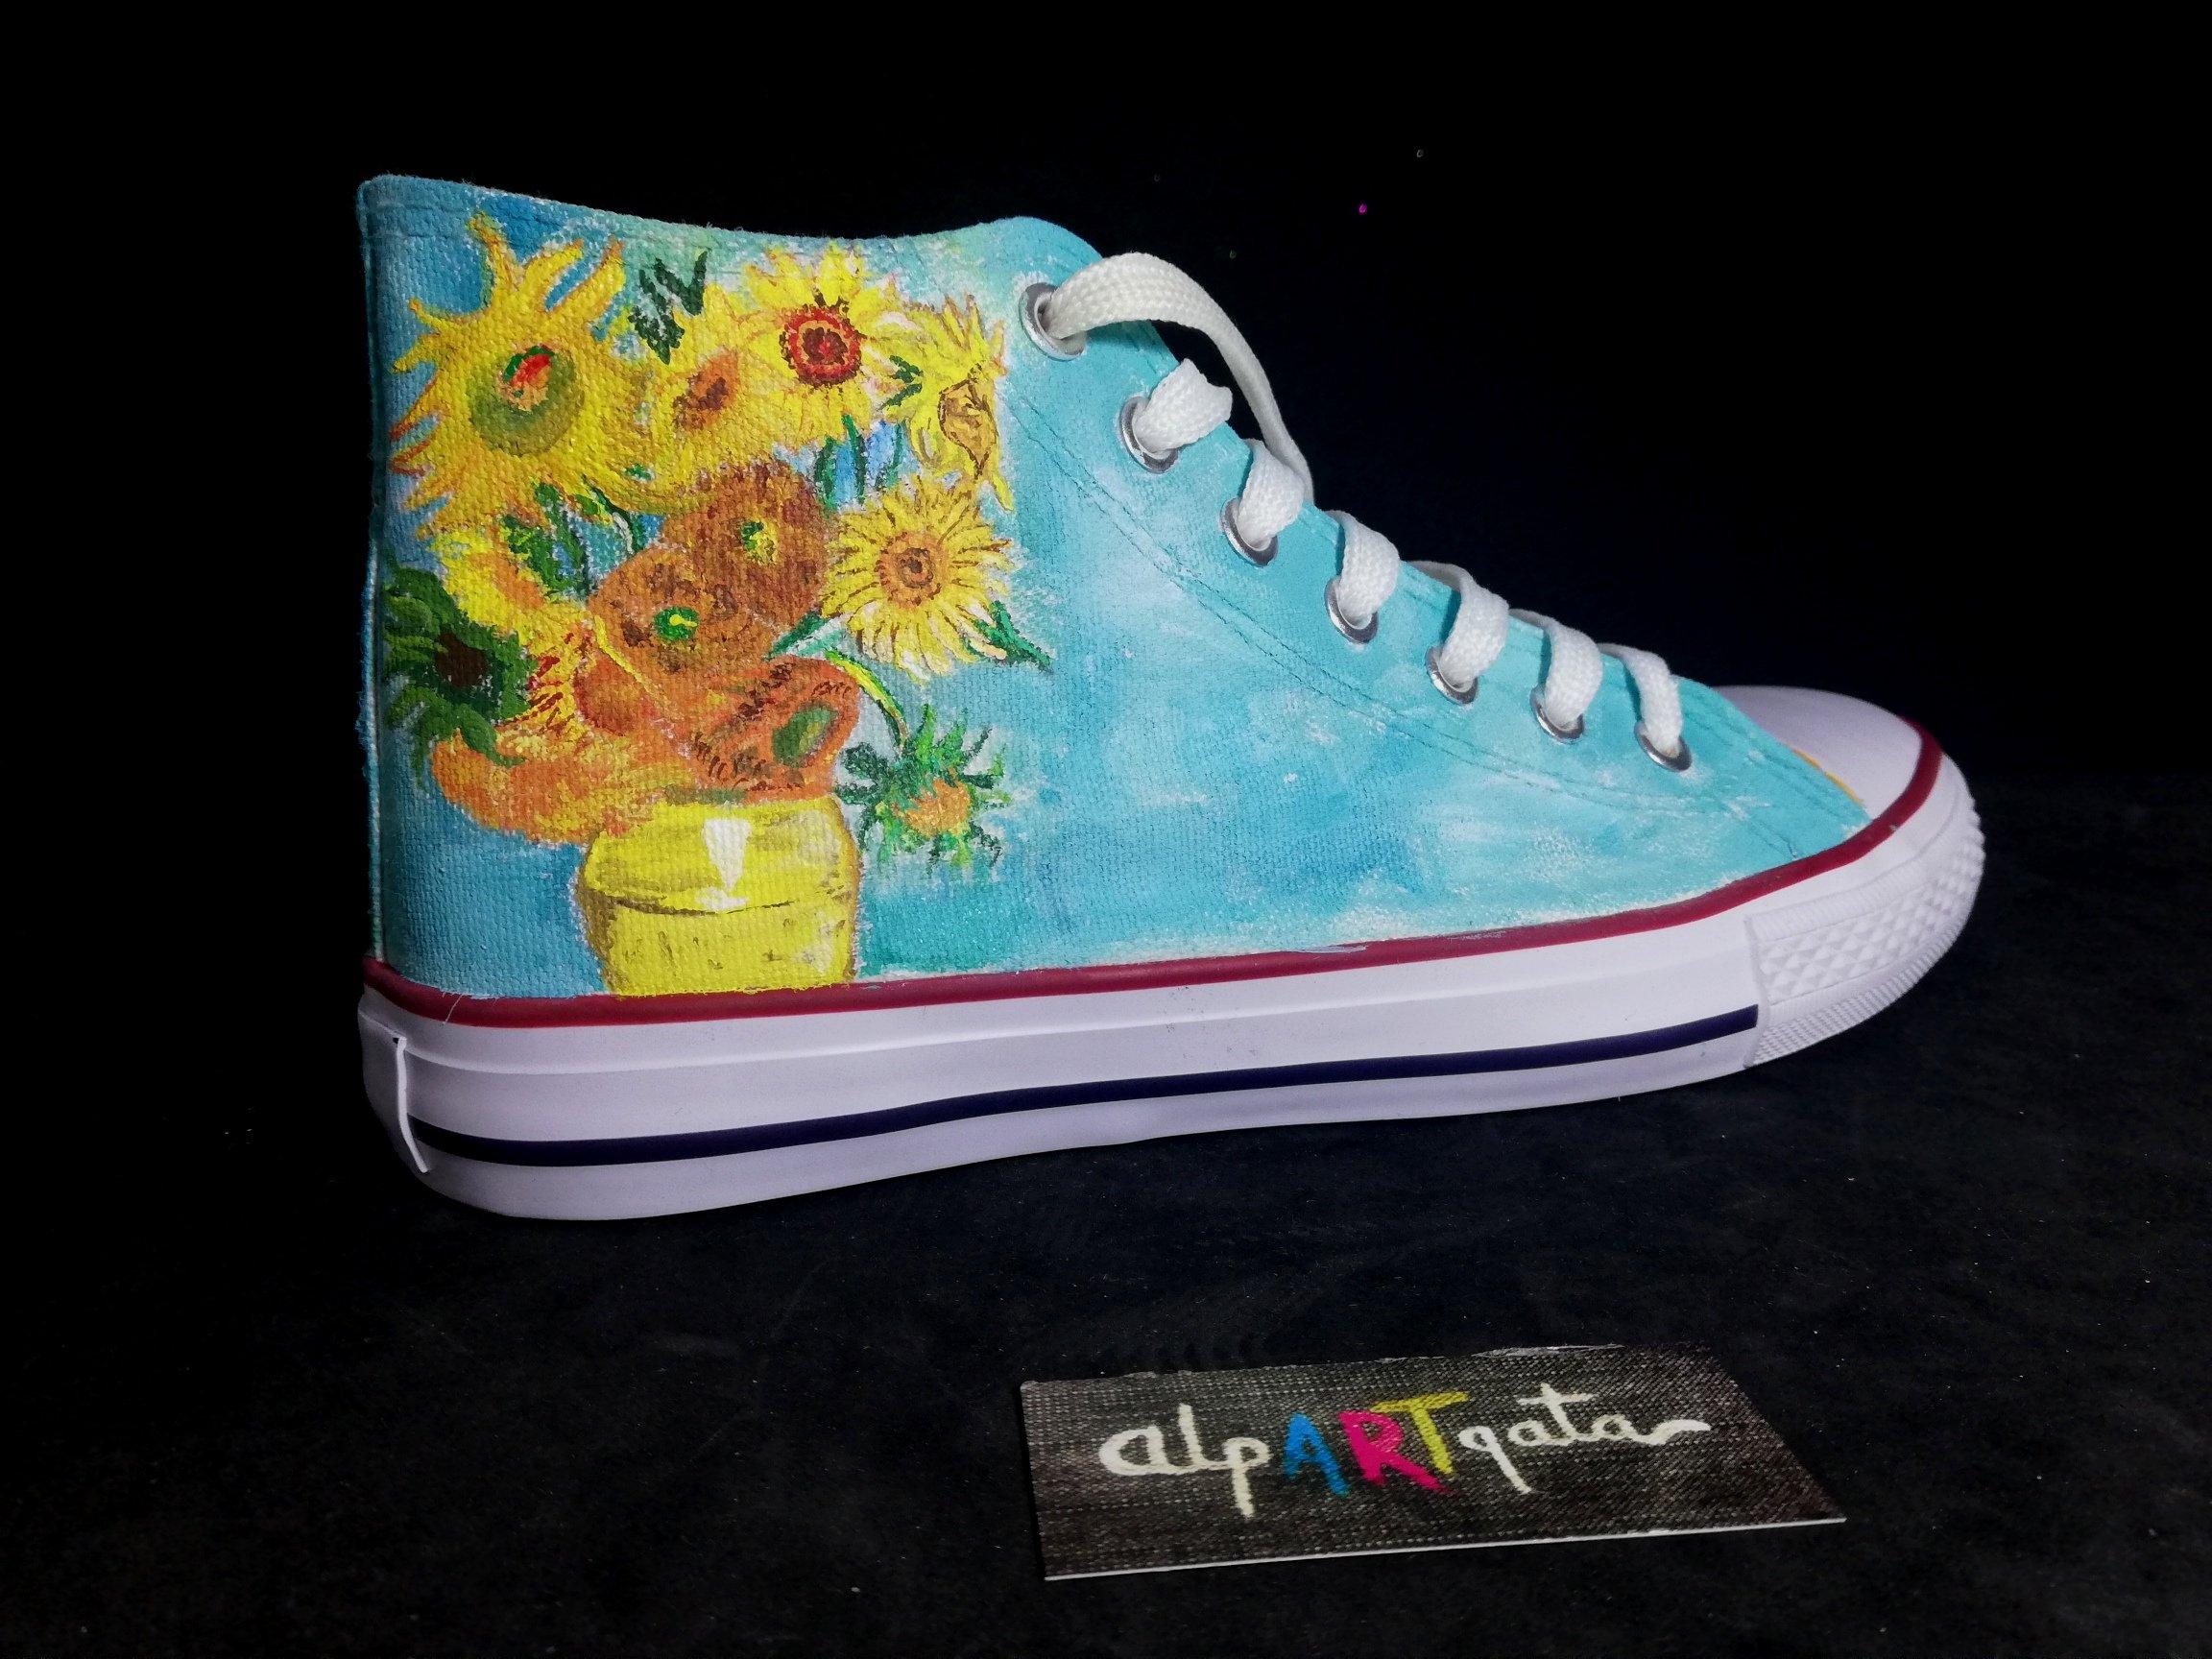 wpid-zapatillas-personalizadas-van-gogh-girasoles-alpartgata-24406835918058932595..jpg